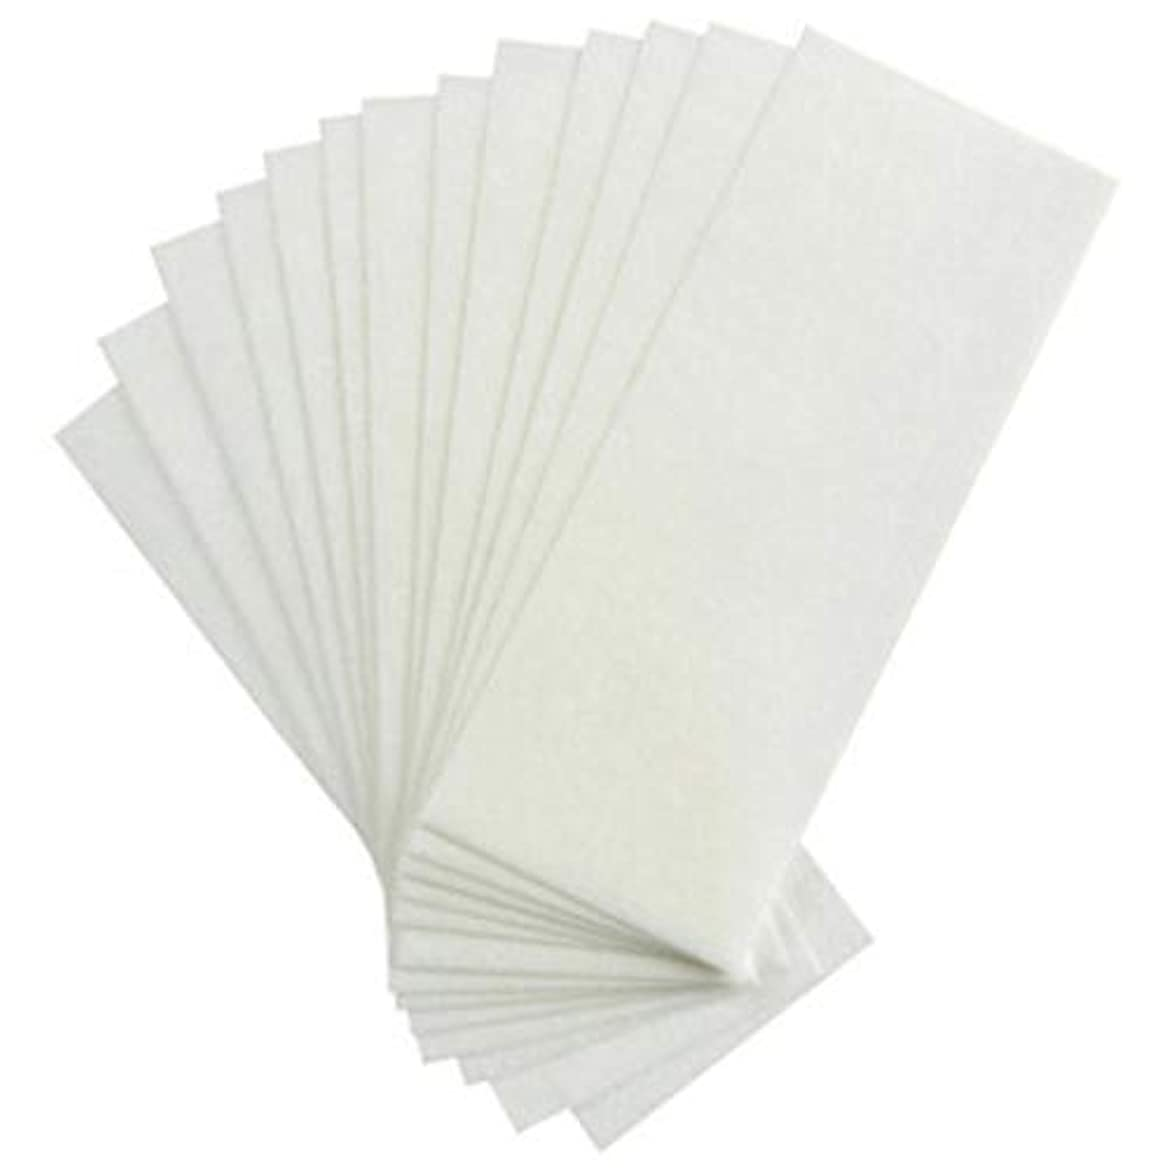 促進するパンフレットつづり1st market 100個の不織布ストリップ脱毛ワックスストリップフェイシャルボディ脱毛ワックスペーパースタイリッシュで人気のある